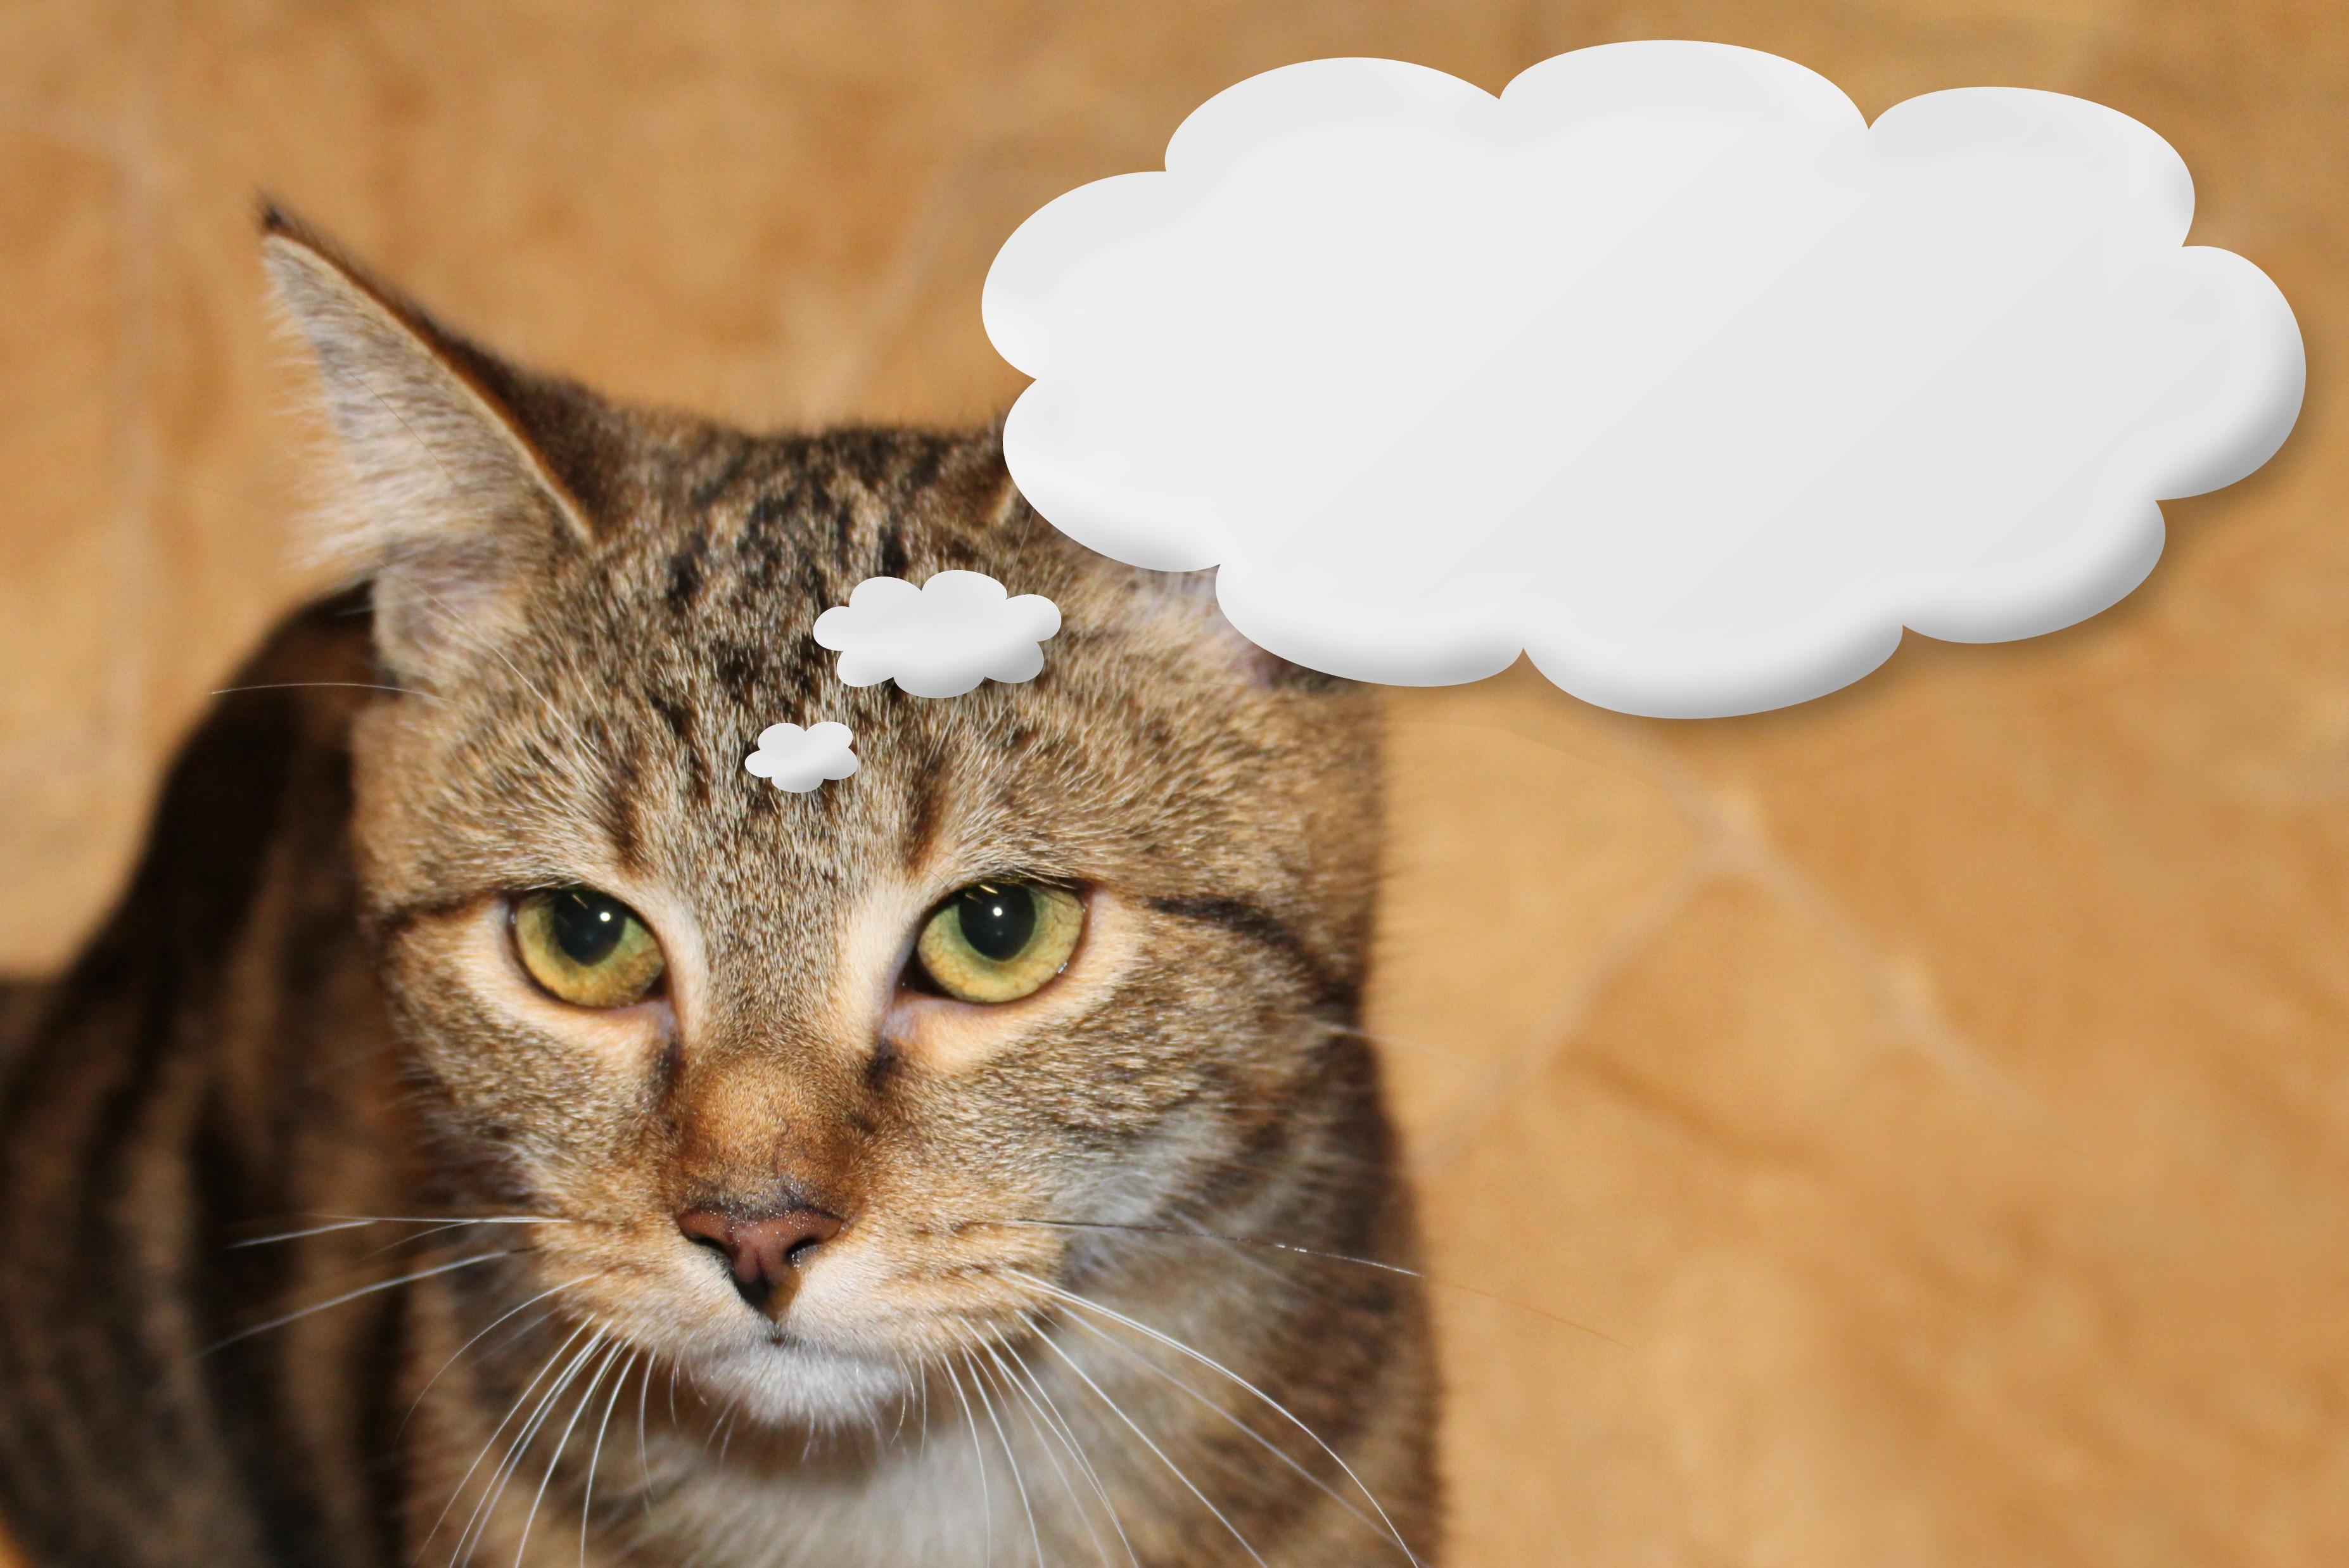 Прикольная картинка кот который размышляет